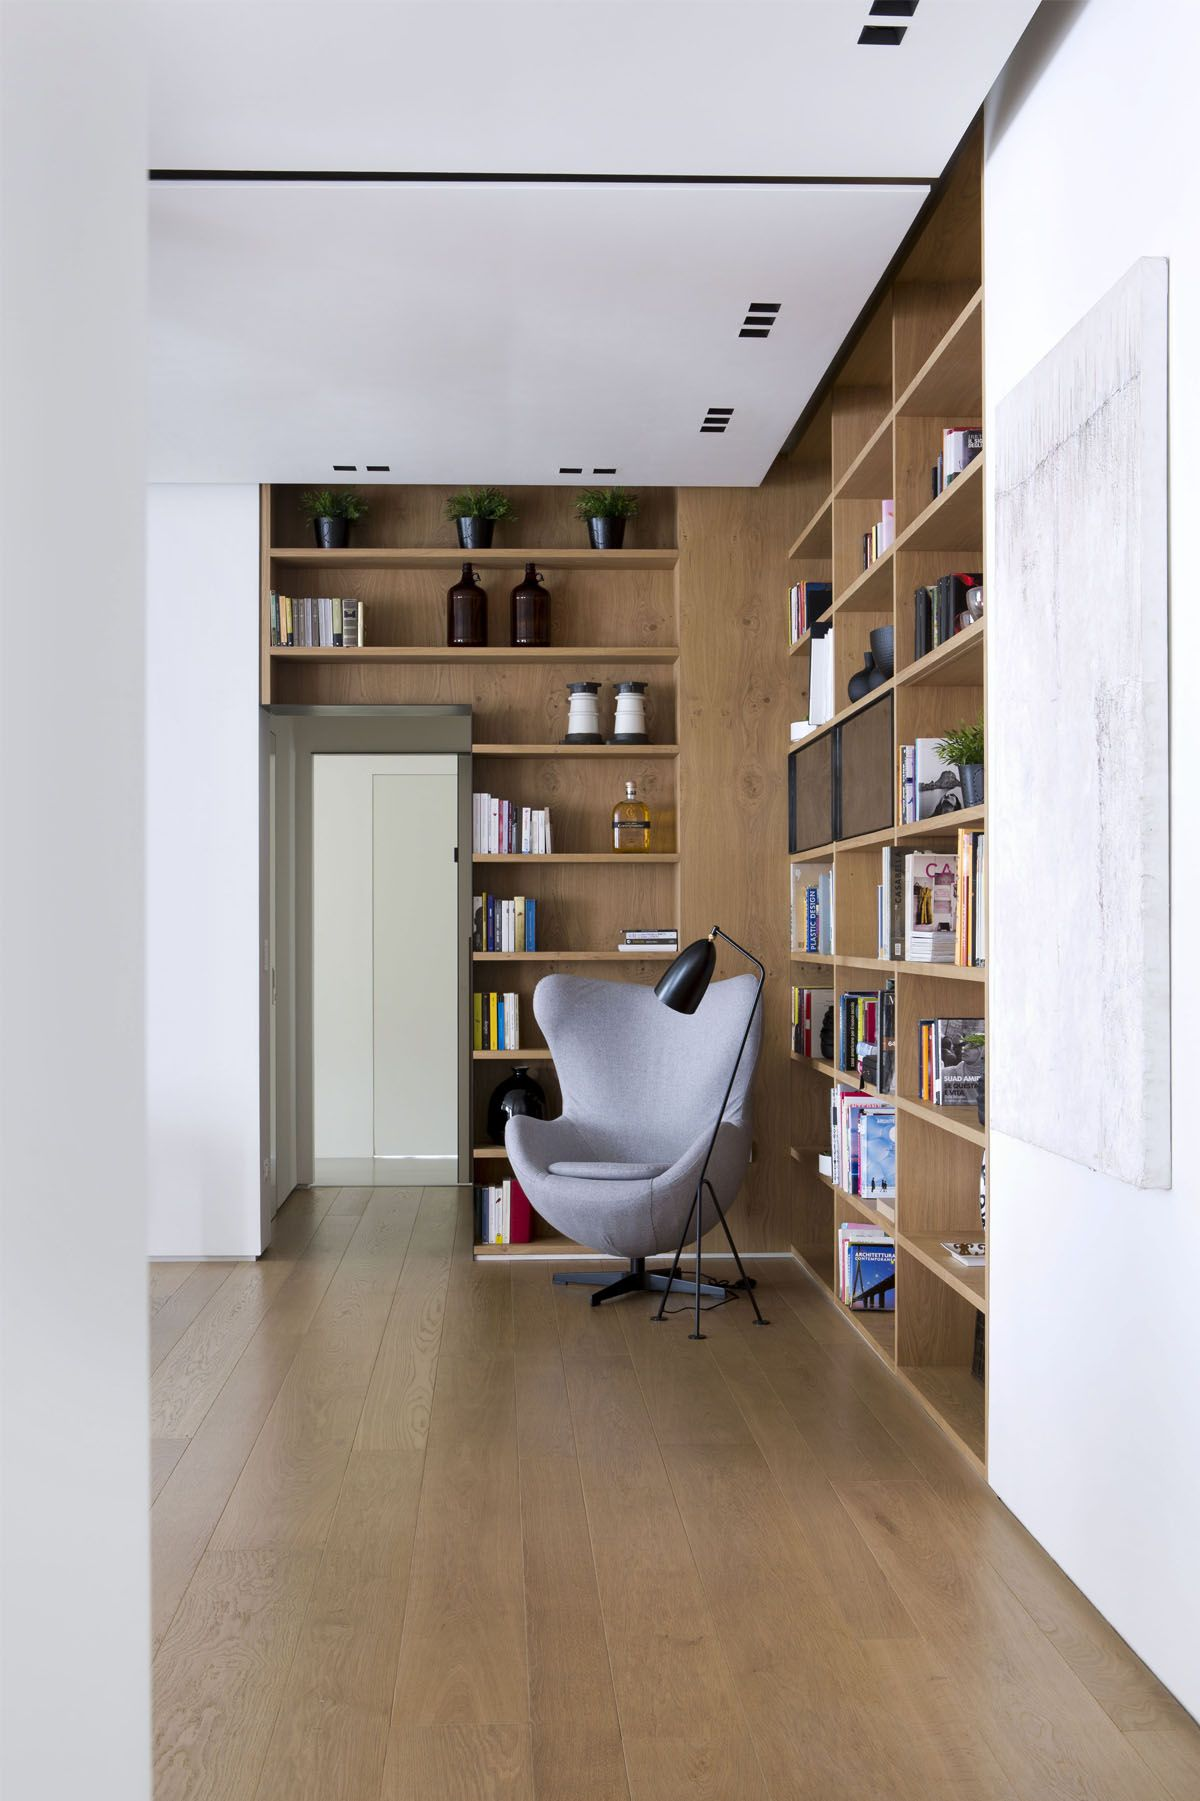 Innenarchitektur für zuhause study of architecture planning and interior design fabio fantolino